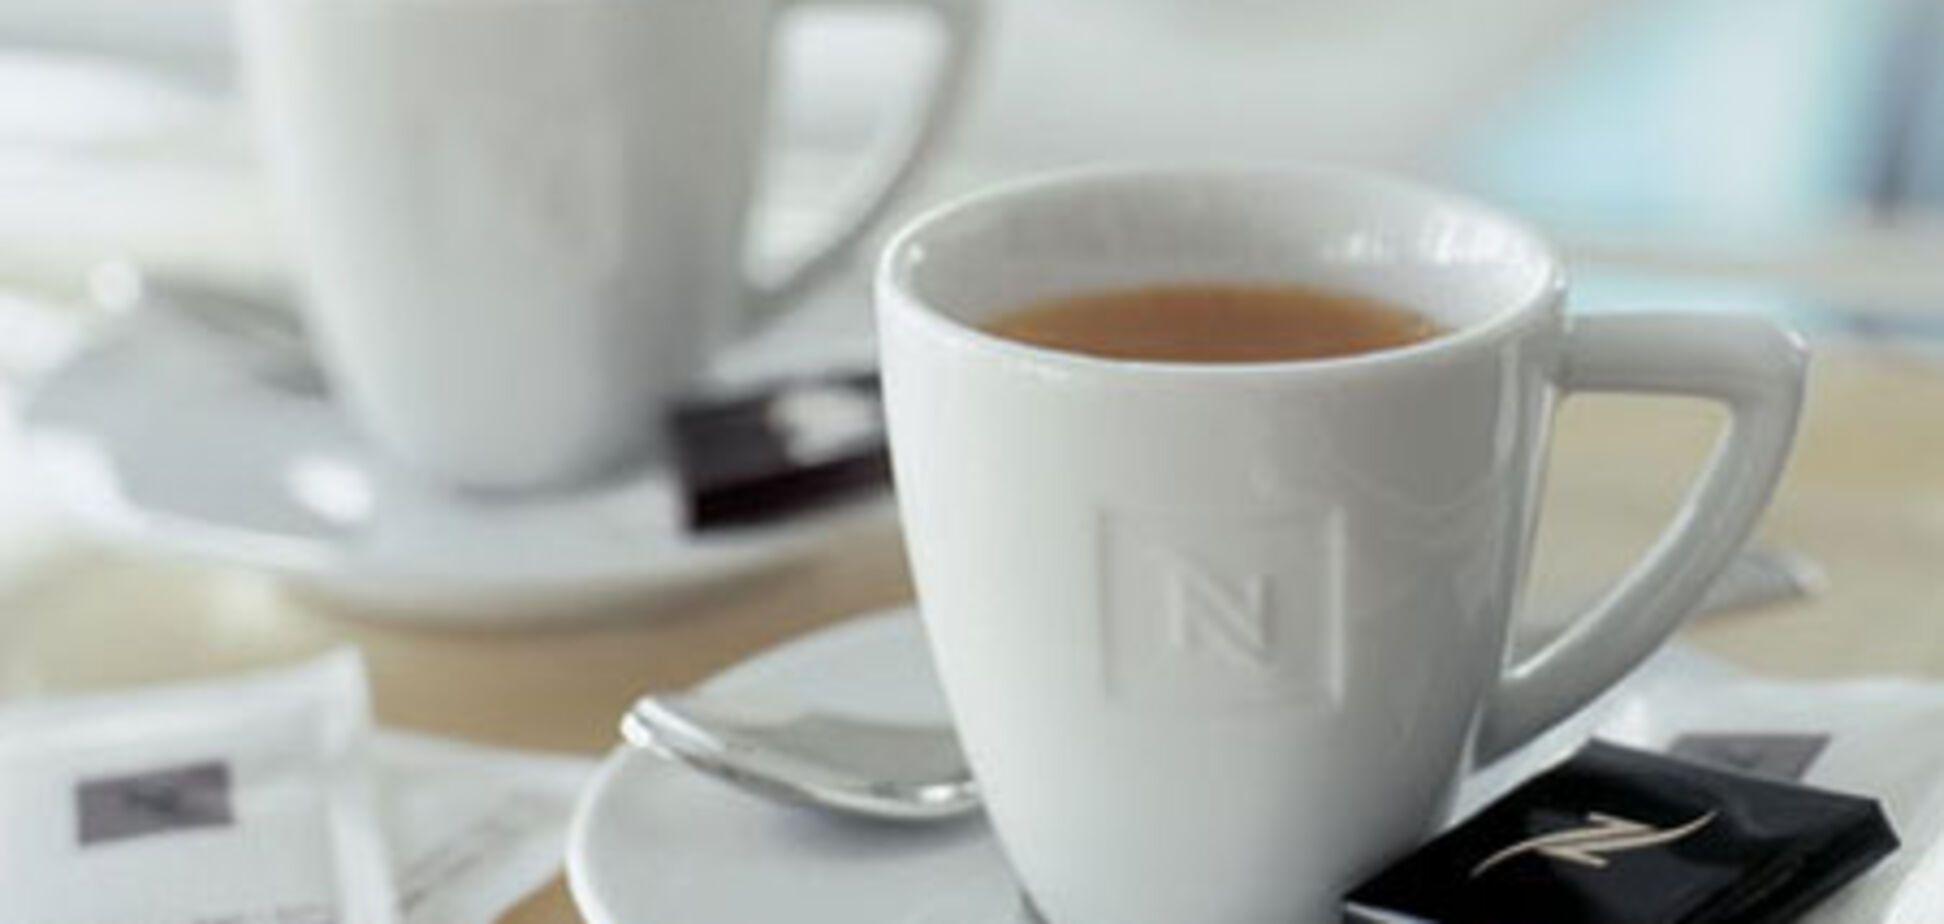 Кофе водкой не испортишь. А водку?